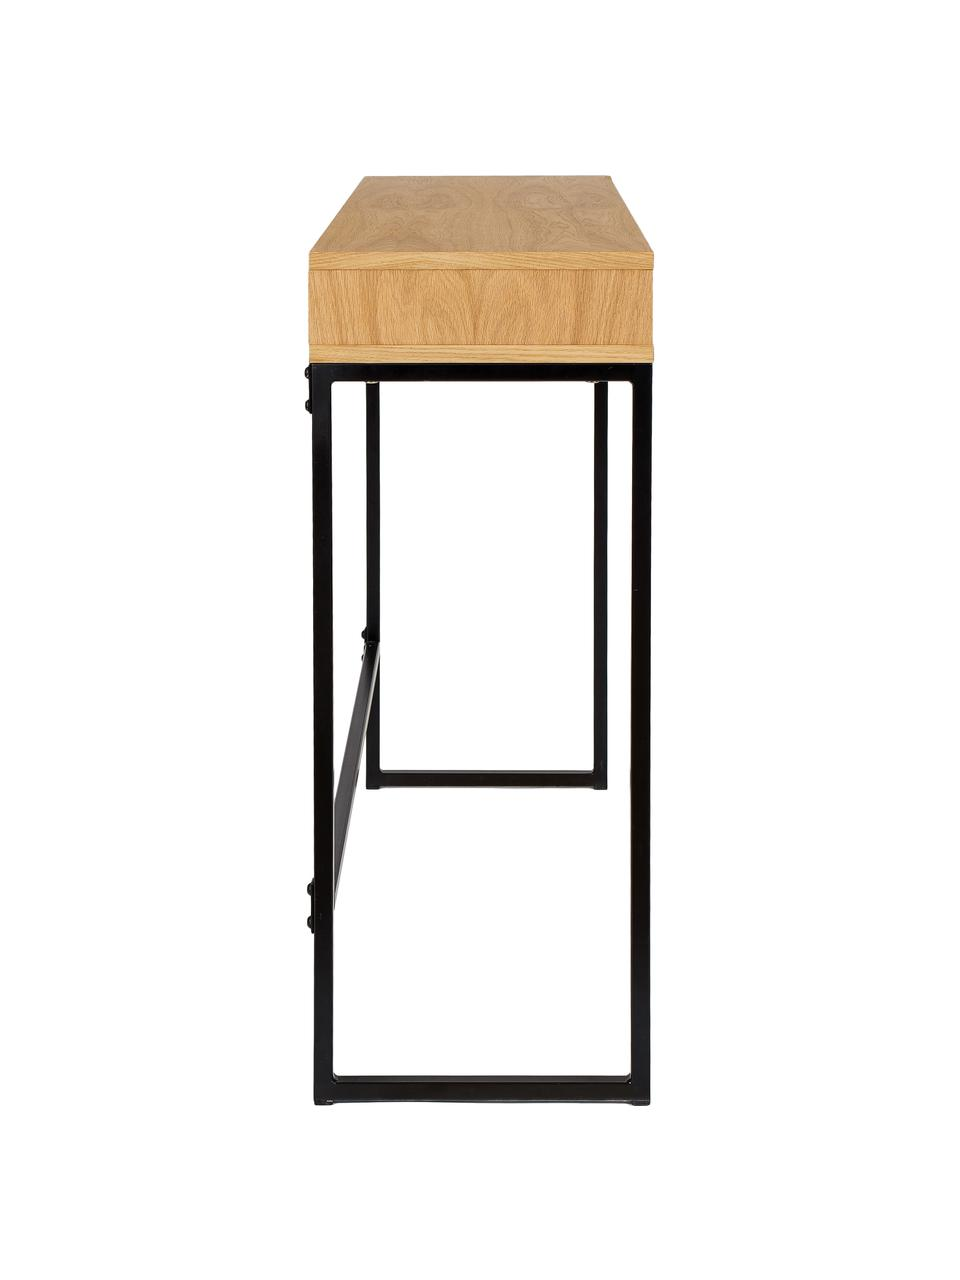 Wąskie biurko do pracy na stojąco Frame, Korpus: płyta pilśniowa średniej , Nogi: metal malowany proszkowo, Drewno dębowe, S 100 x G 35 cm